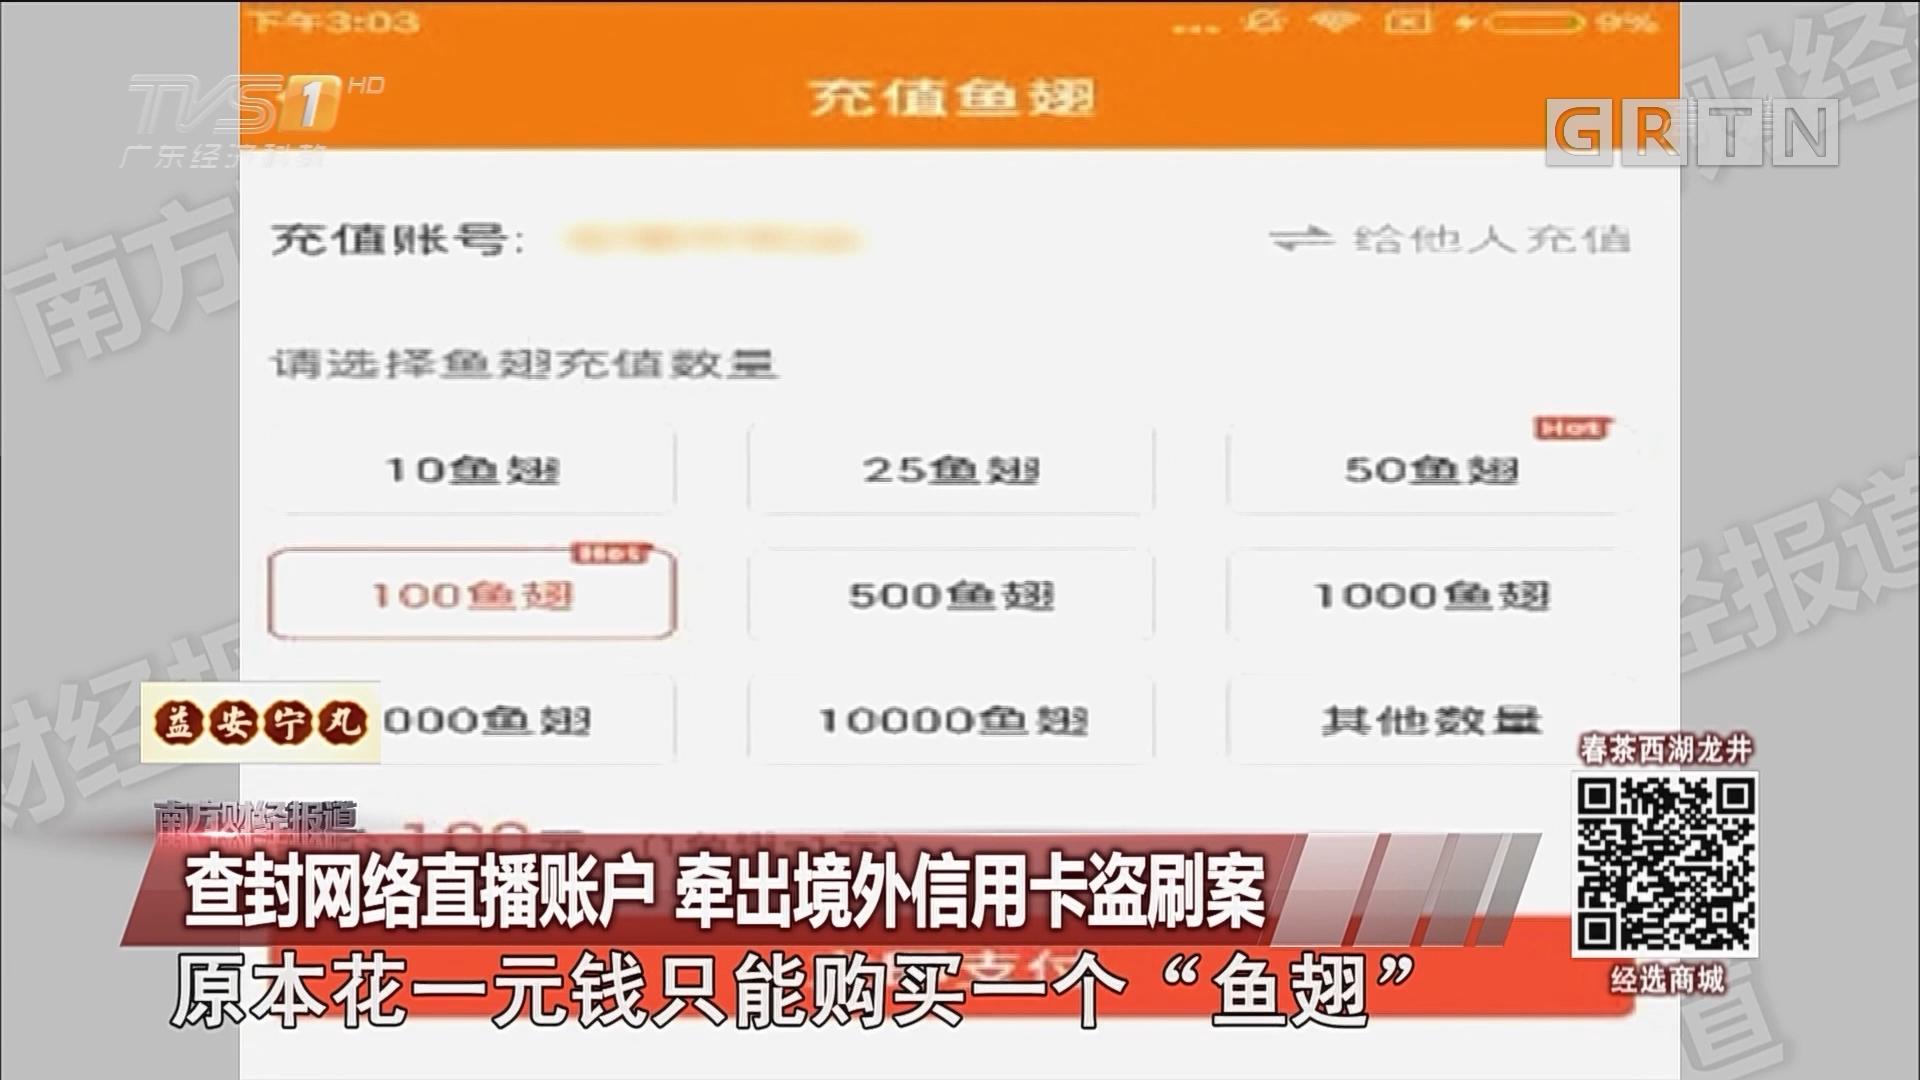 查封网络直播账户 牵出境外信用卡盗刷案